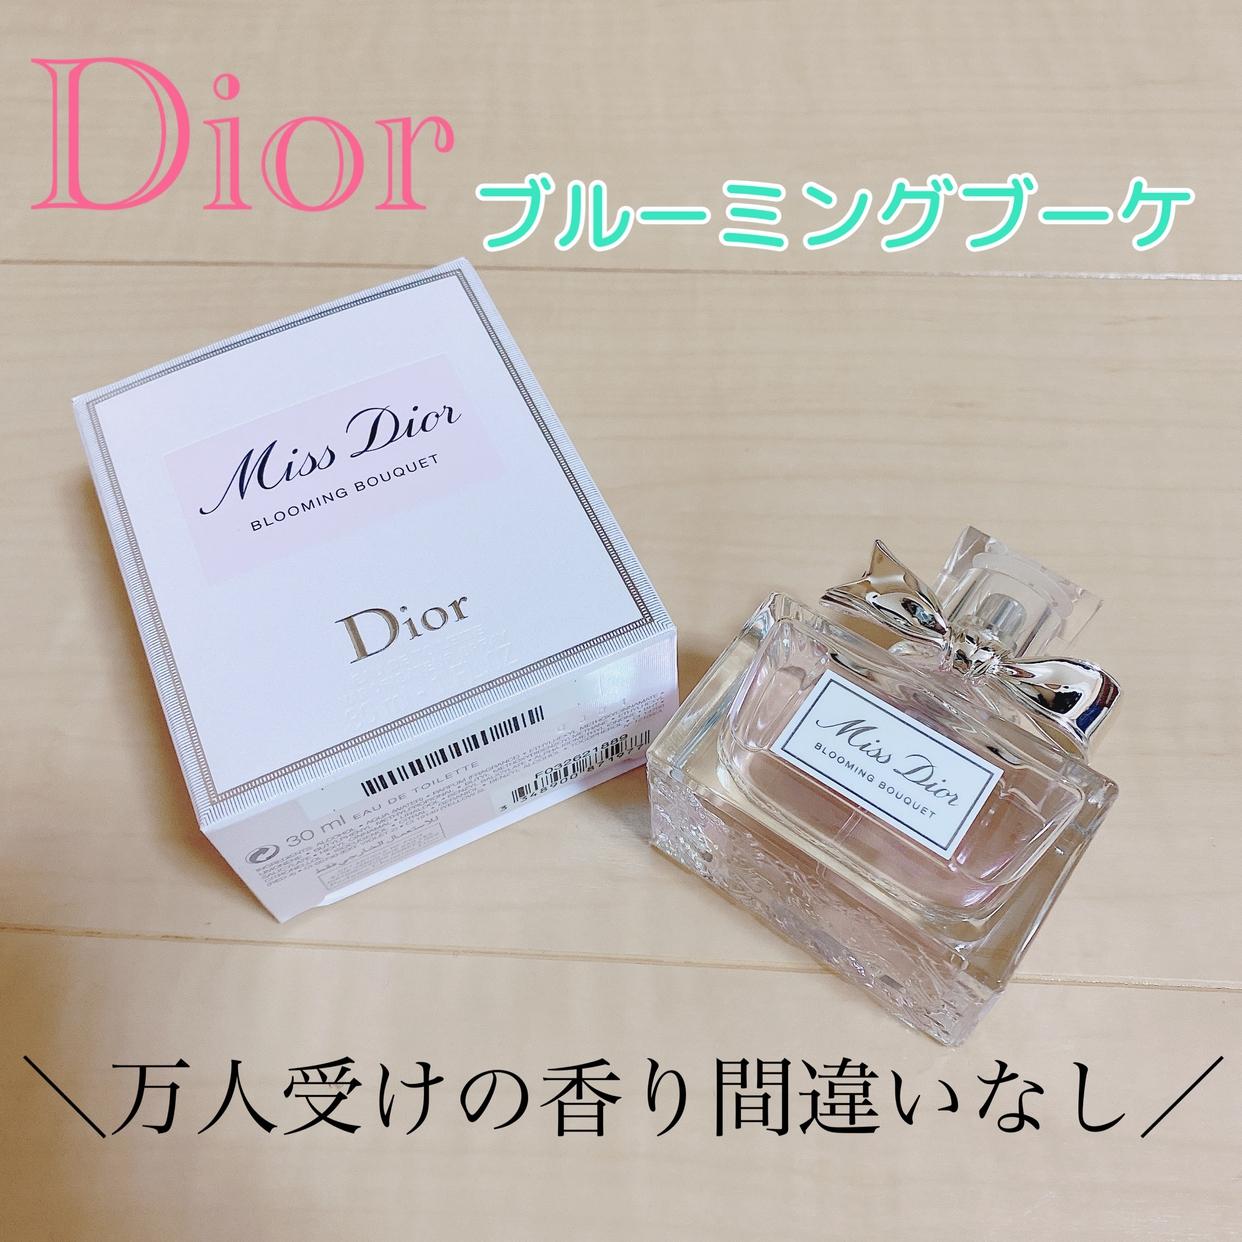 Dior(ディオール) ミス ディオールを使ったMana *さんのクチコミ画像